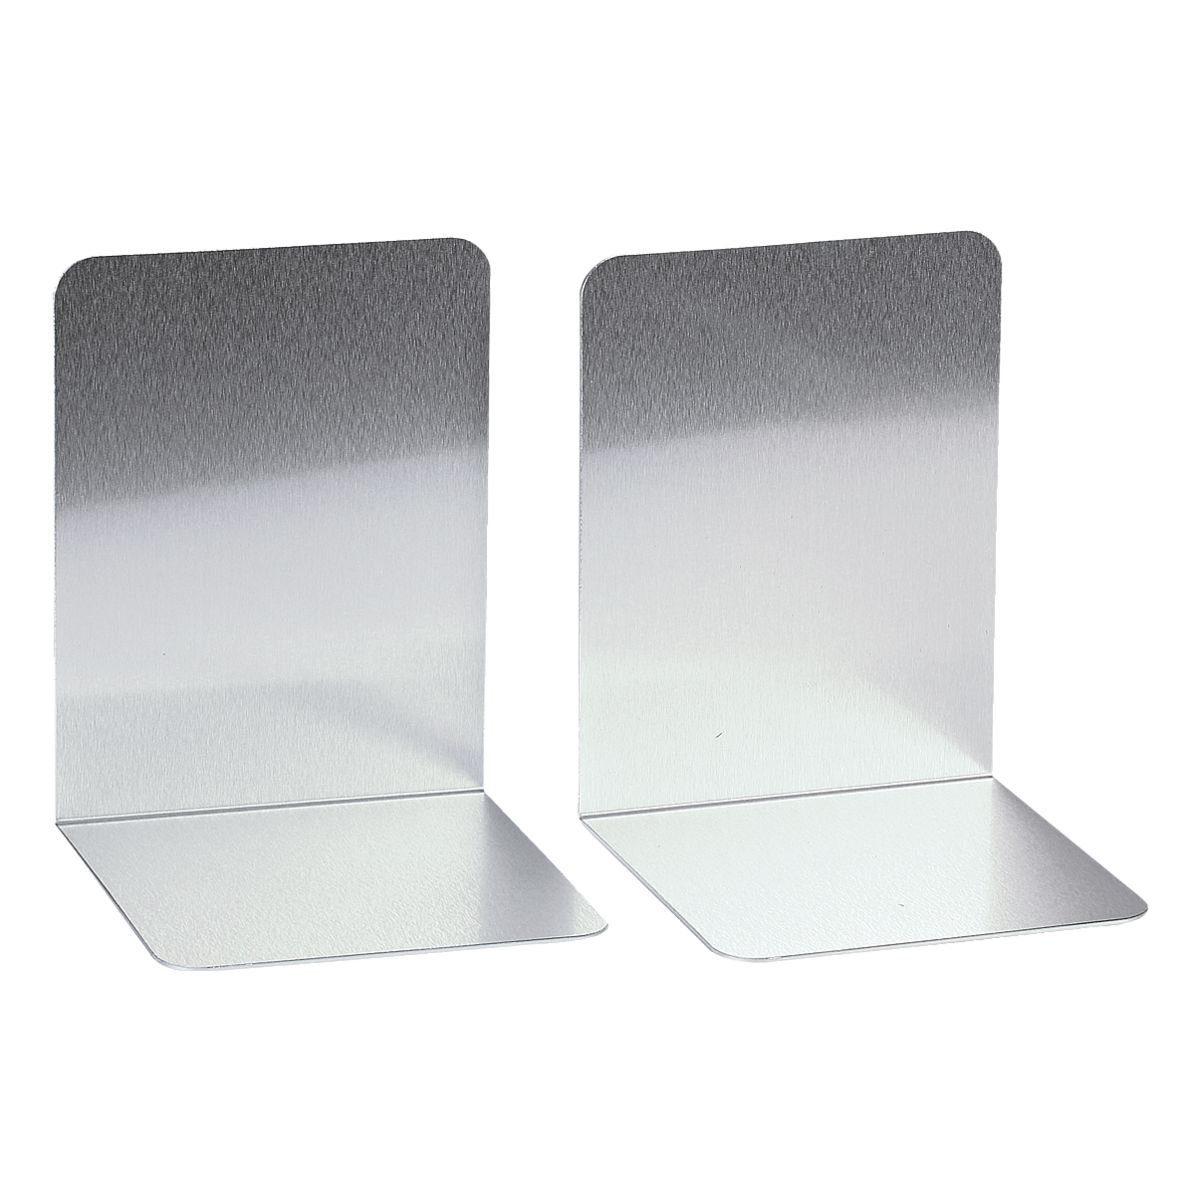 MAUL Aluminium-Buchstützen 13 cm hoch